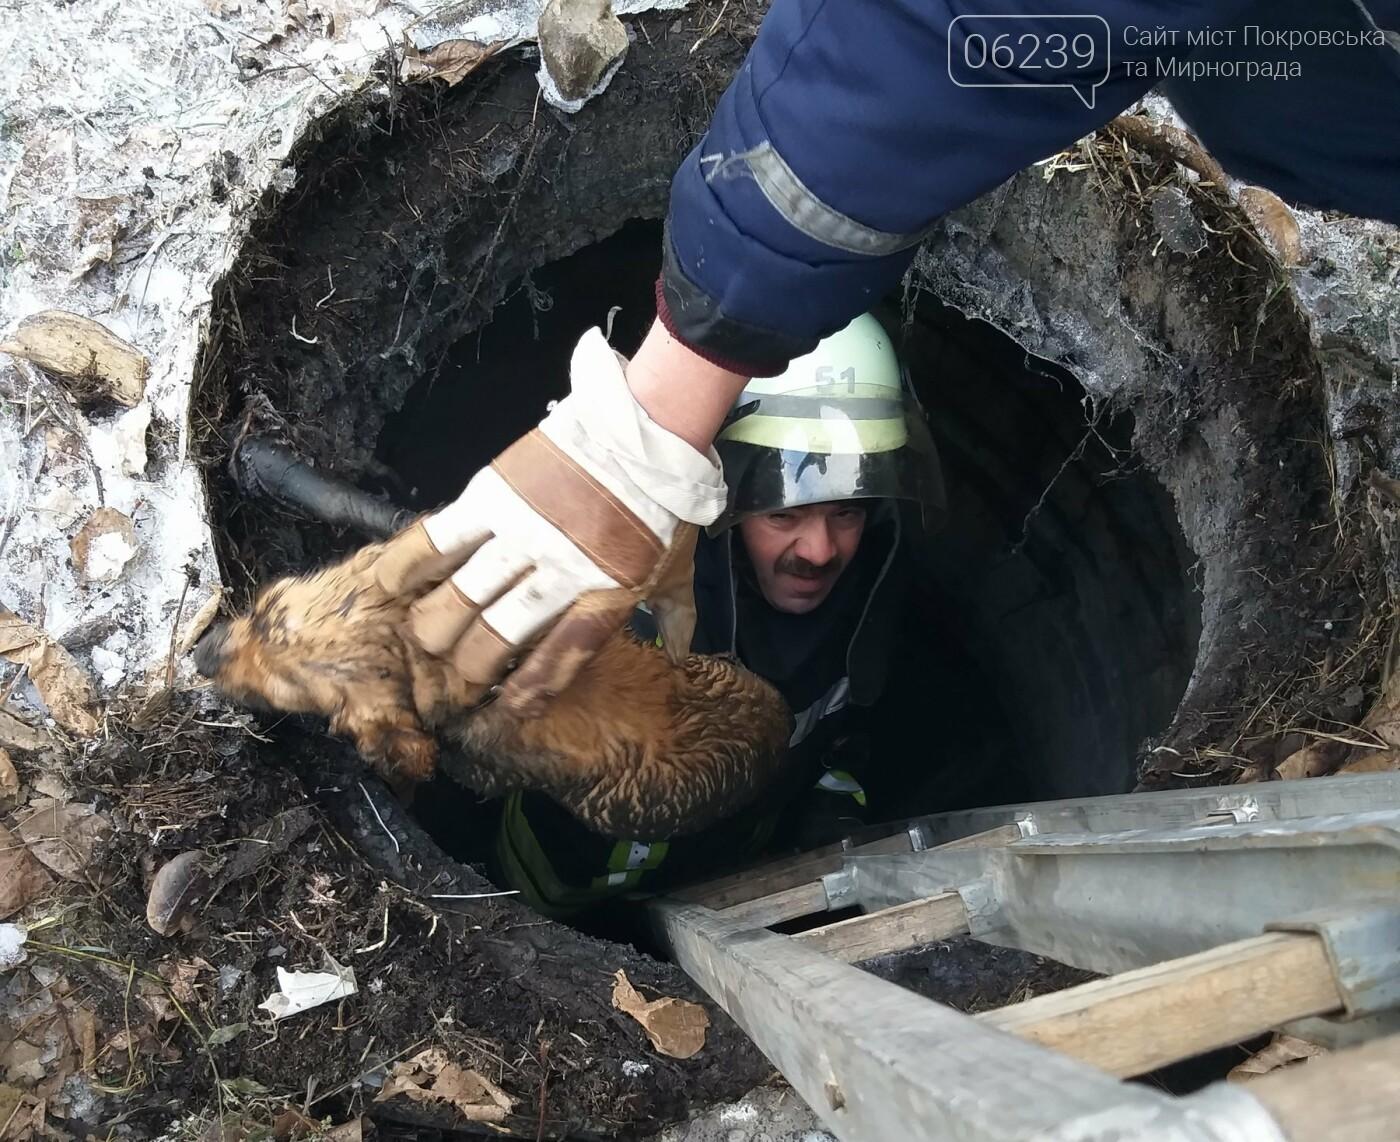 У Покровську бійці ДСНС врятували собаку, який впав у каналізаційний колодязь, фото-2